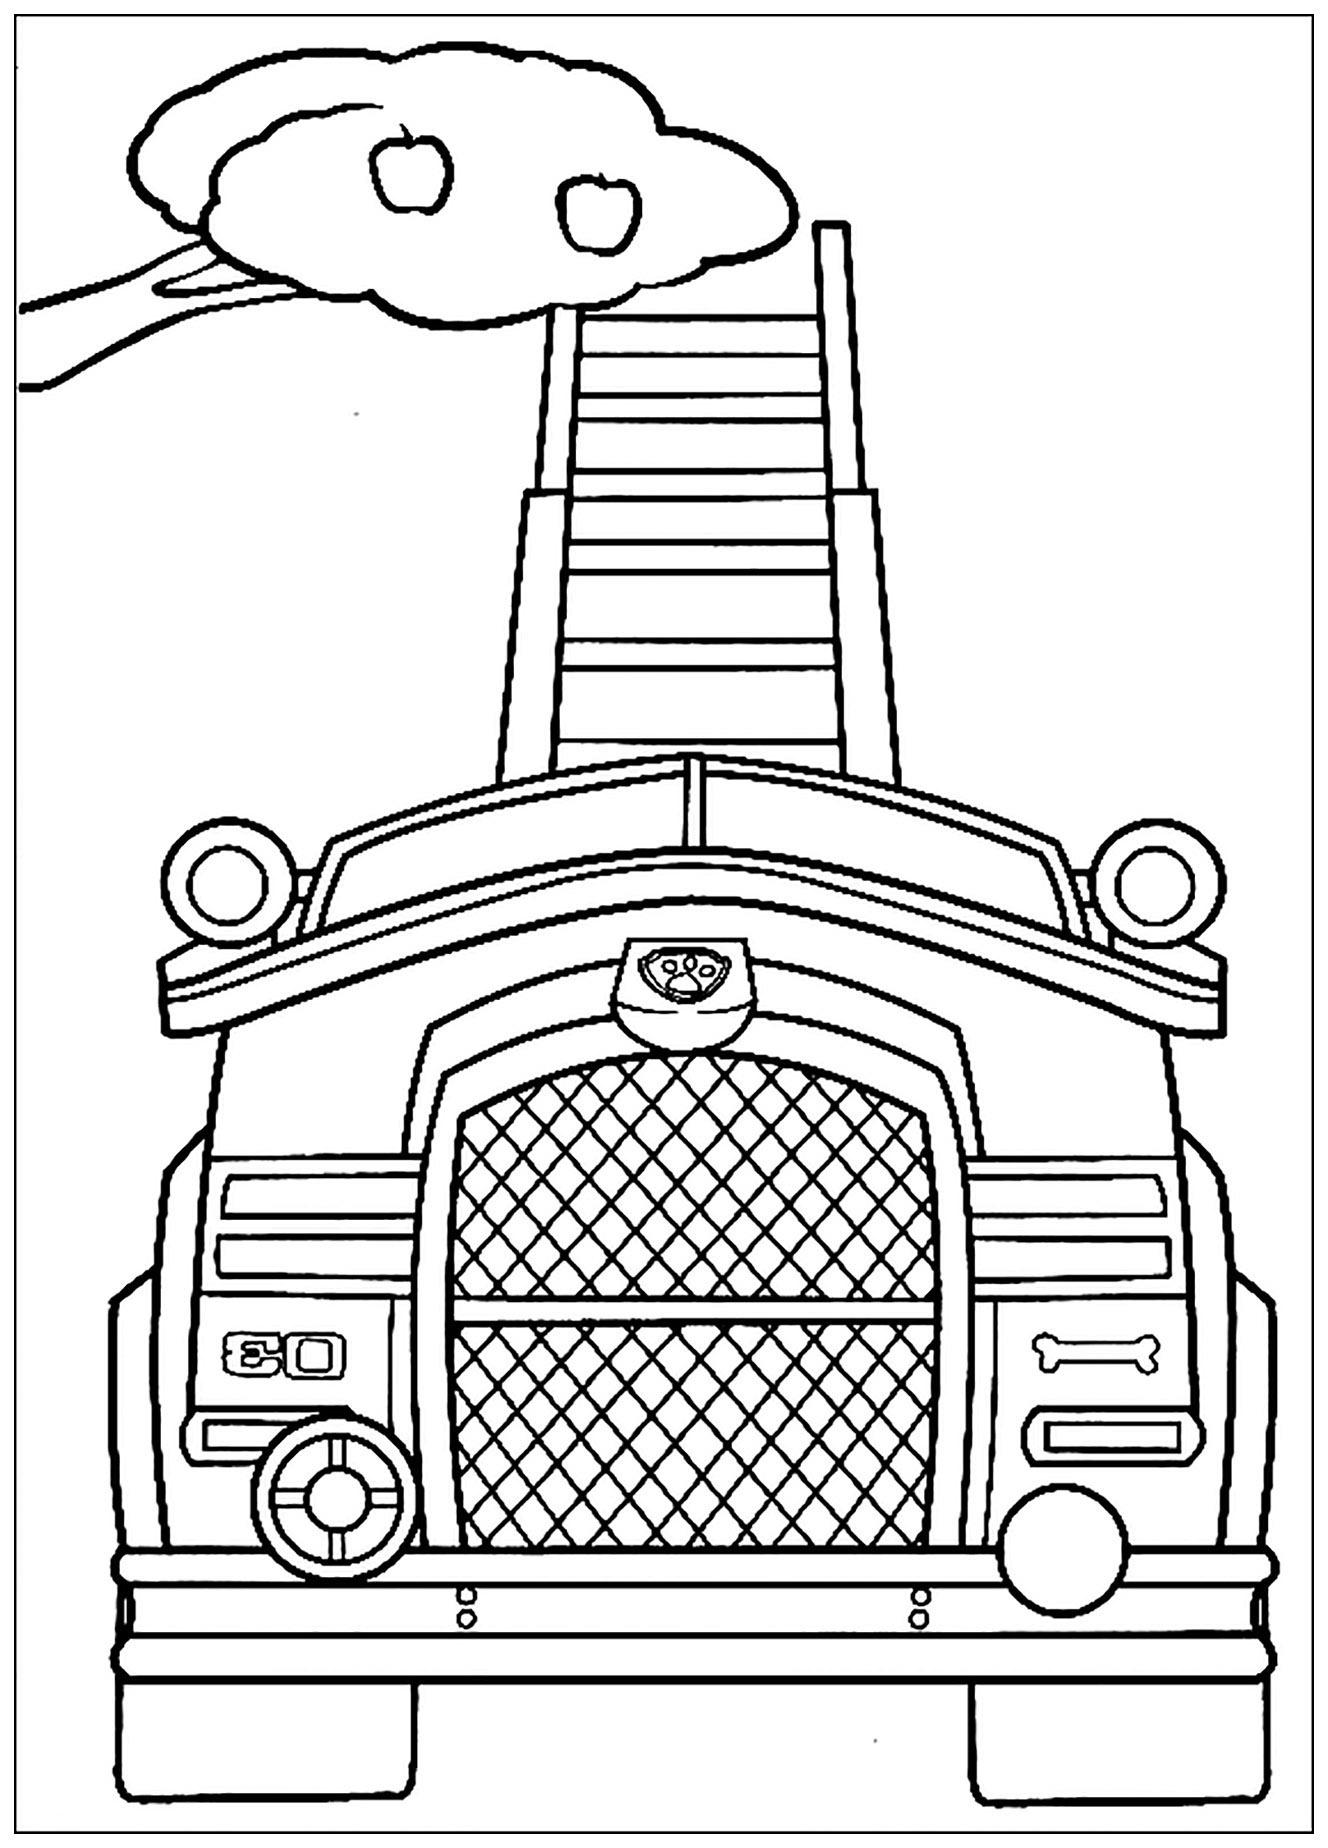 Pat Patrouille : Véhicule De Récolte - Coloriage Pat avec Coloriage Vehicule